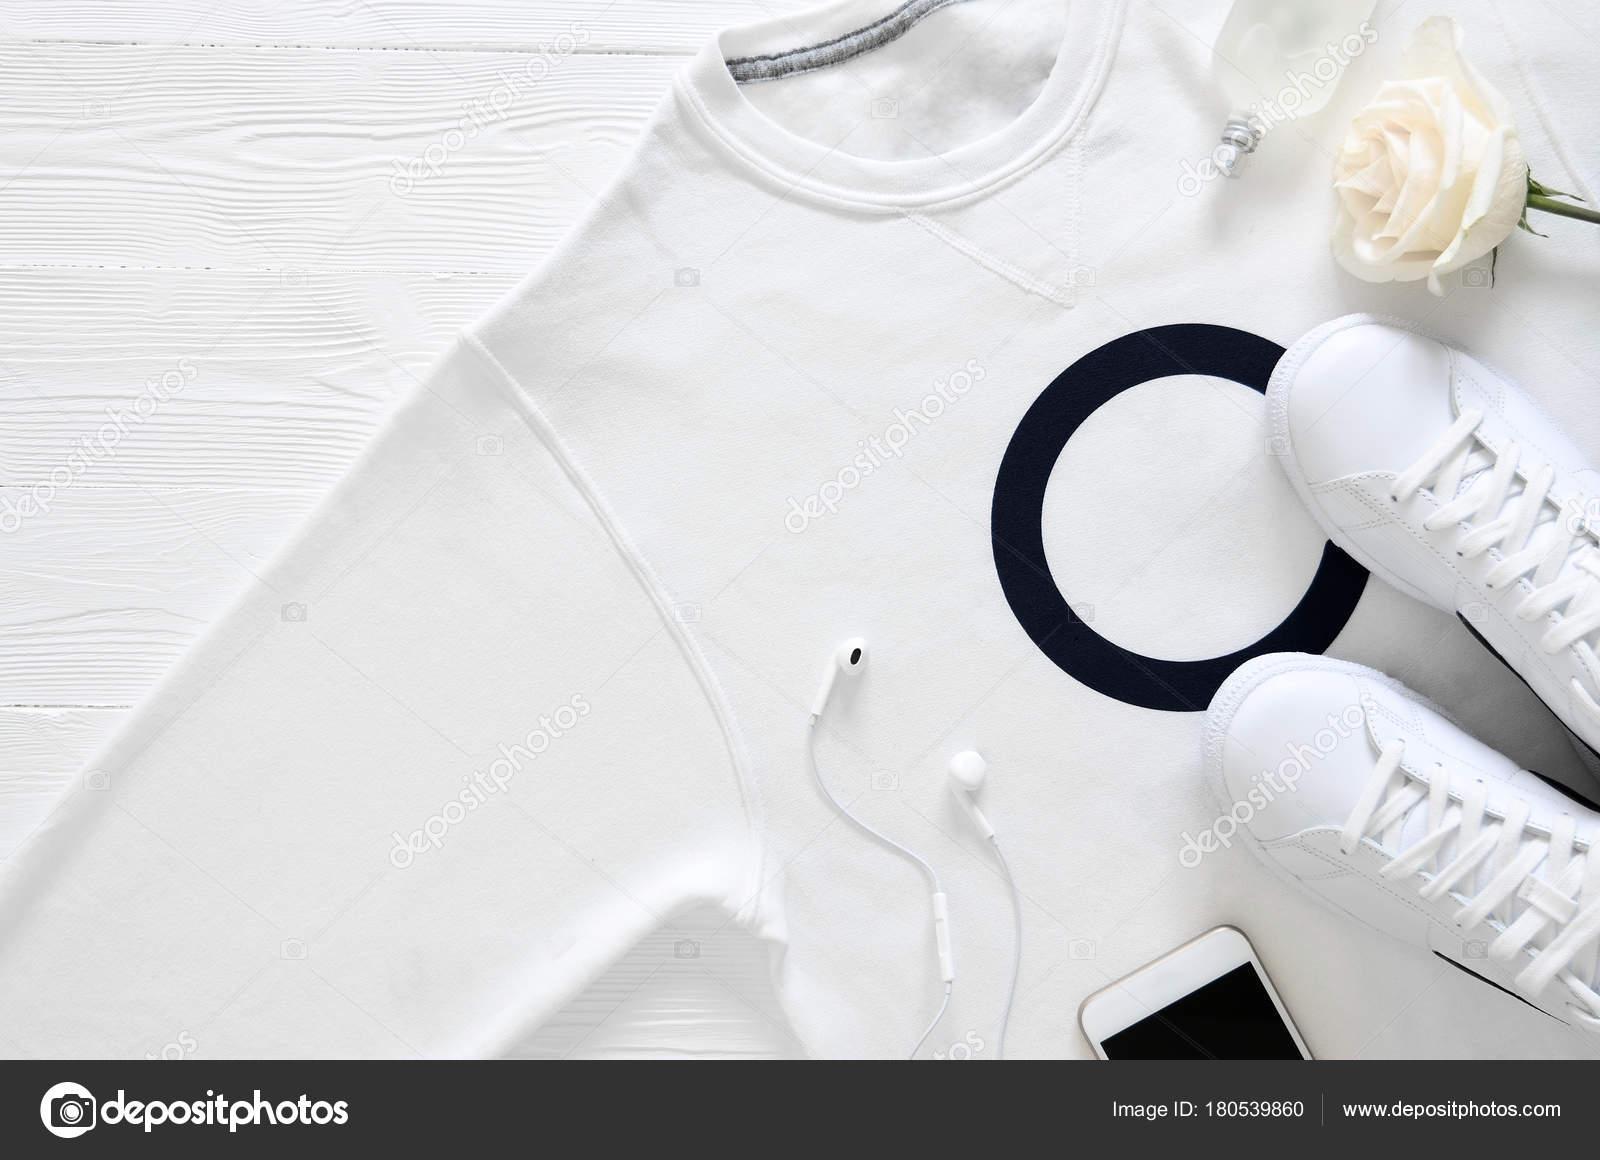 Мужская мода белый одежда, обувь, аксессуары (белые кожаные кроссовки,  толстовки, наушники, духи, цветы. Понятие моды. Вид сверху, заложить  квартиру. aa402731e14